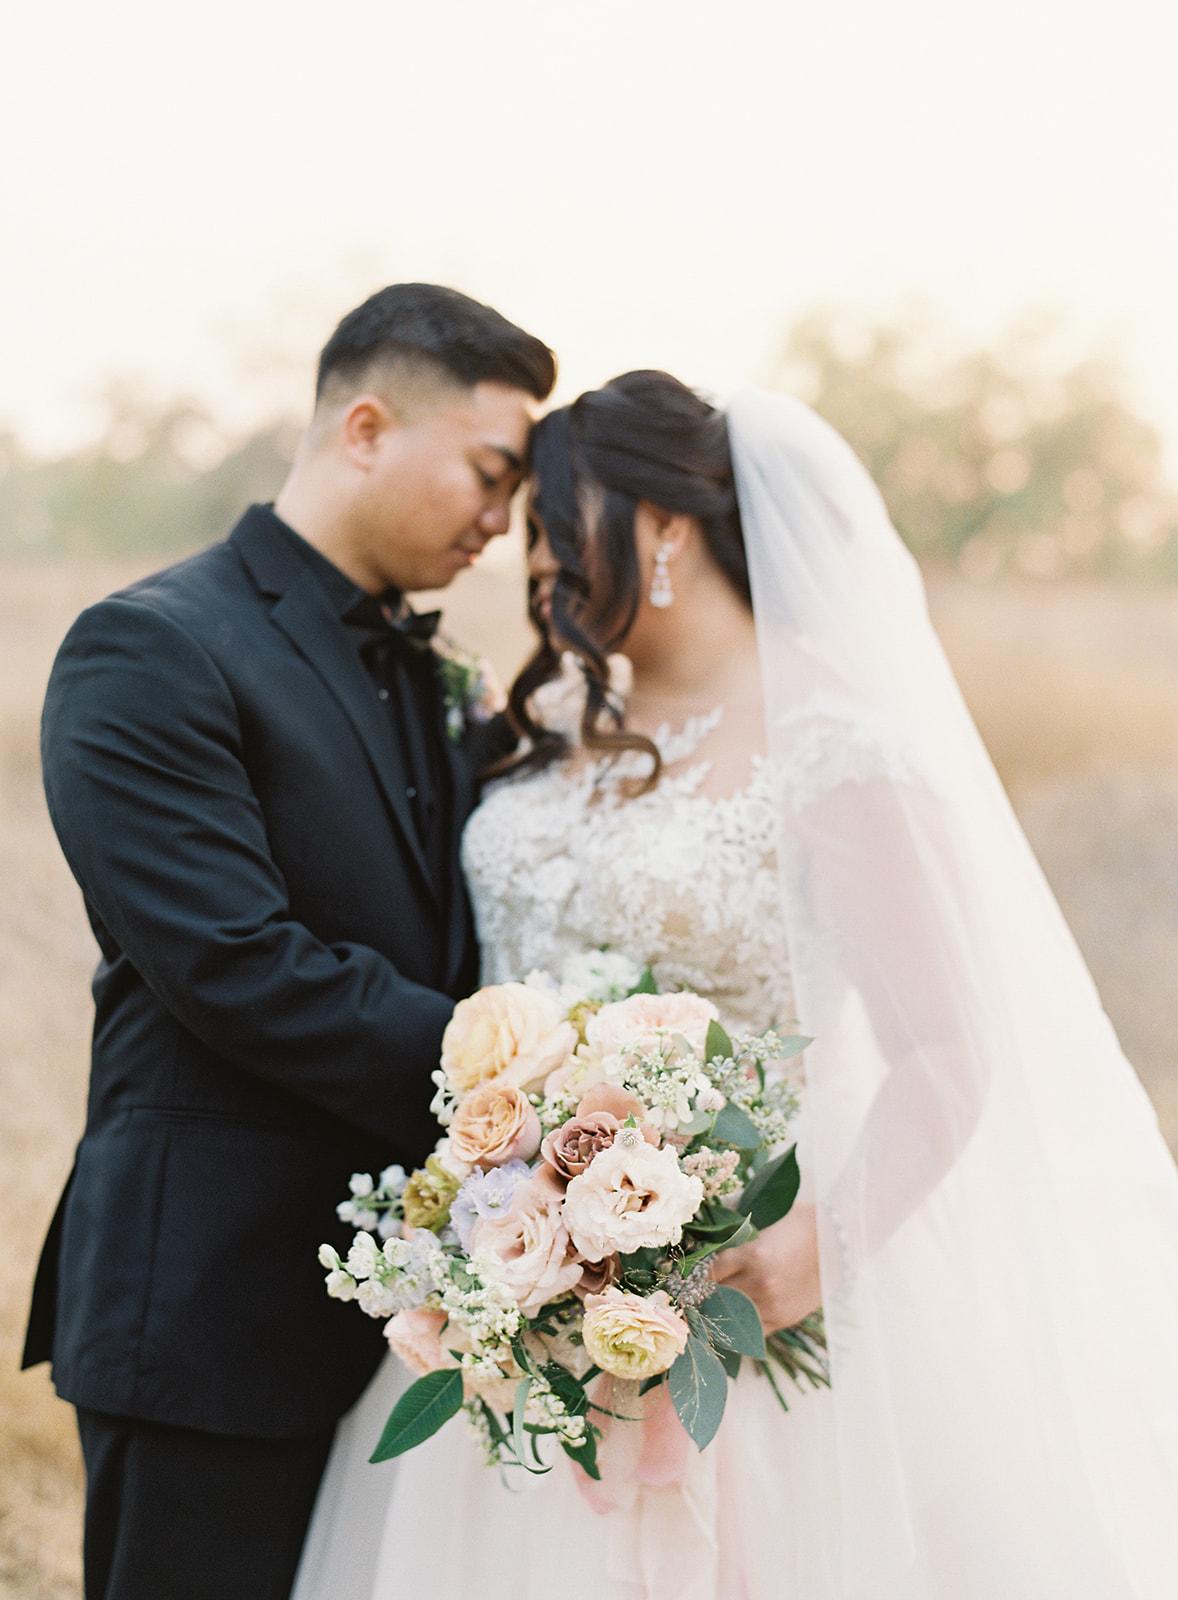 NathalieChengPhotography_AiahMichael_Wedding_760.jpg